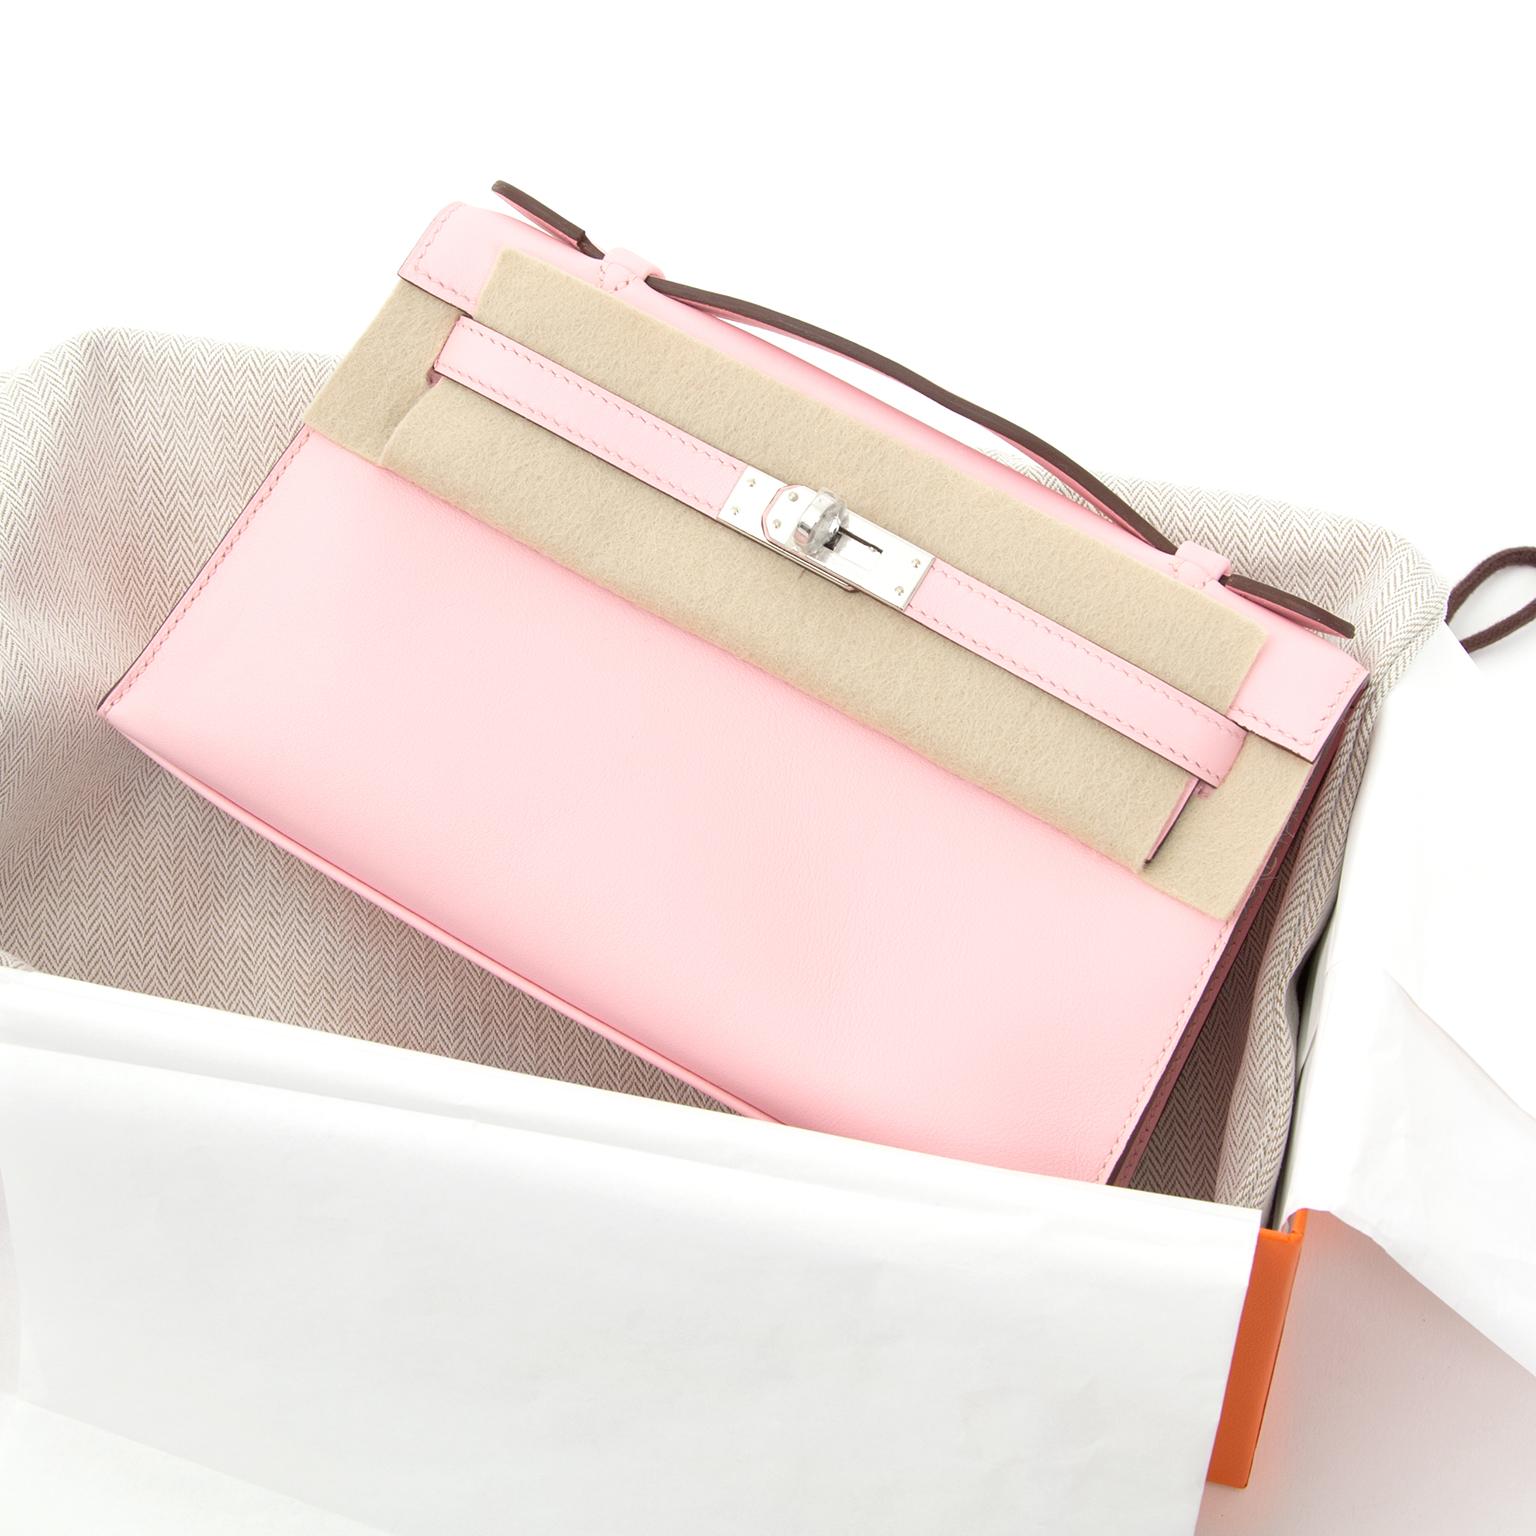 e53186fe5605 ... BRAND NEW Hermès Pochette Kelly Mini veau swift rose sakura worldwide  shipping · Hermes